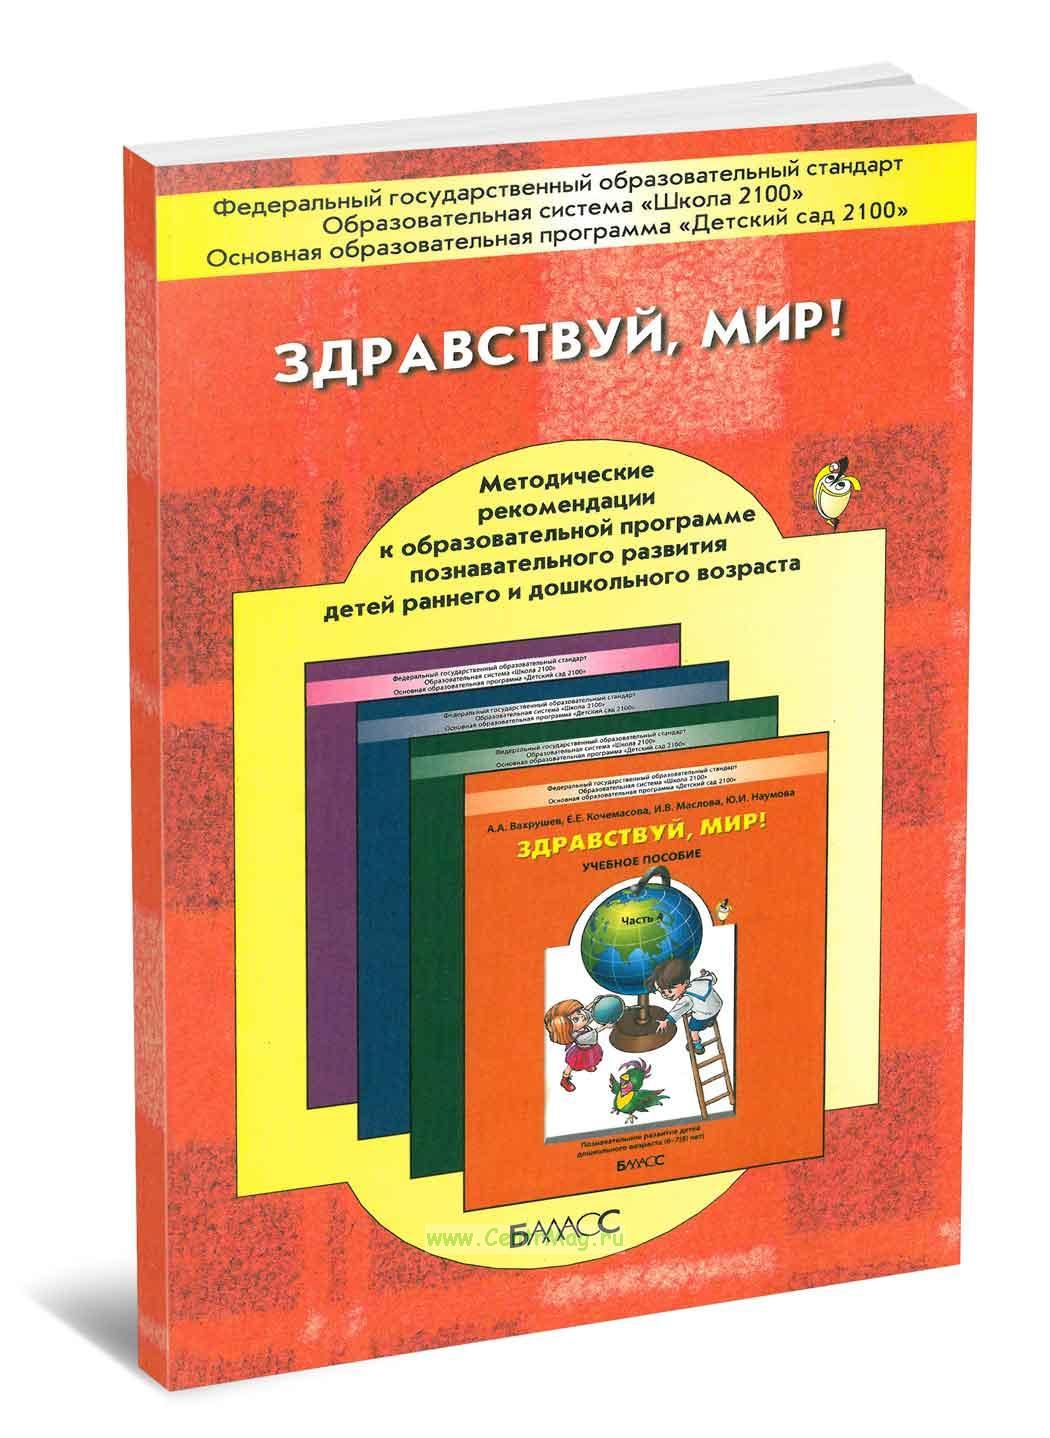 Здравствуй, мир. Методические рекомендации к образовательной программе познавательного развития детей раннего и дошкольного возраста